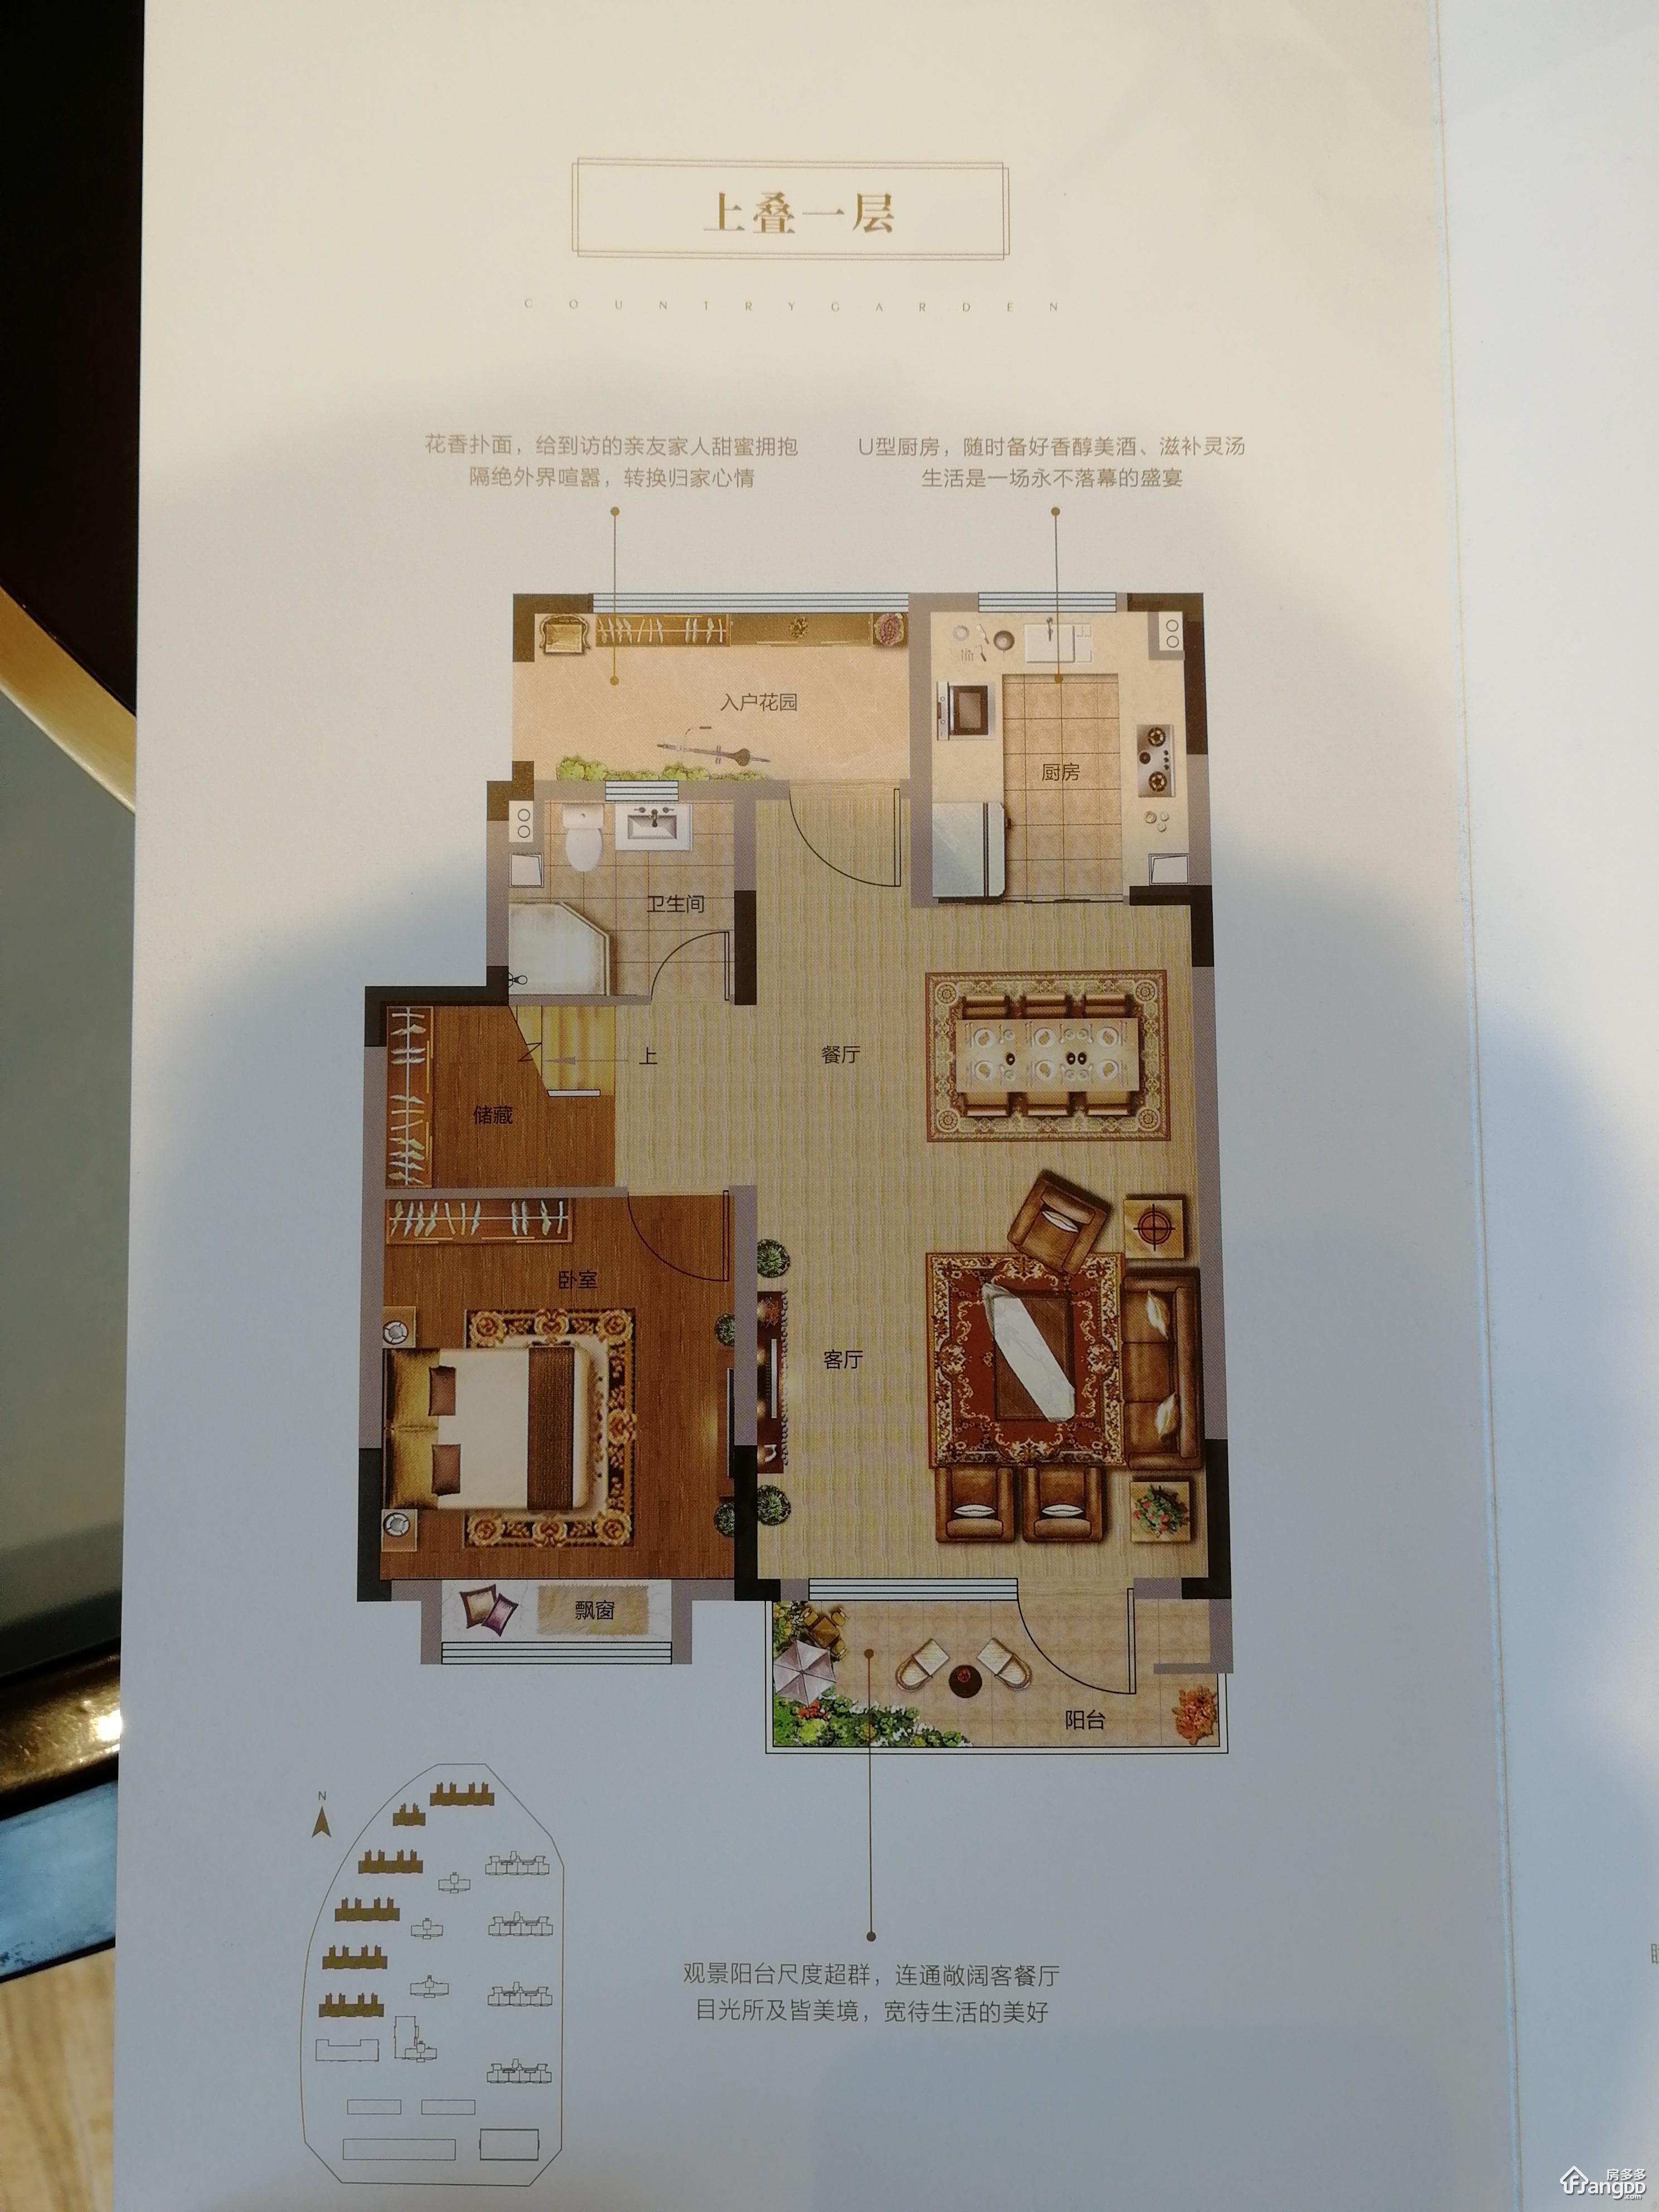 碧桂园湖悦天境4室2厅3卫户型图